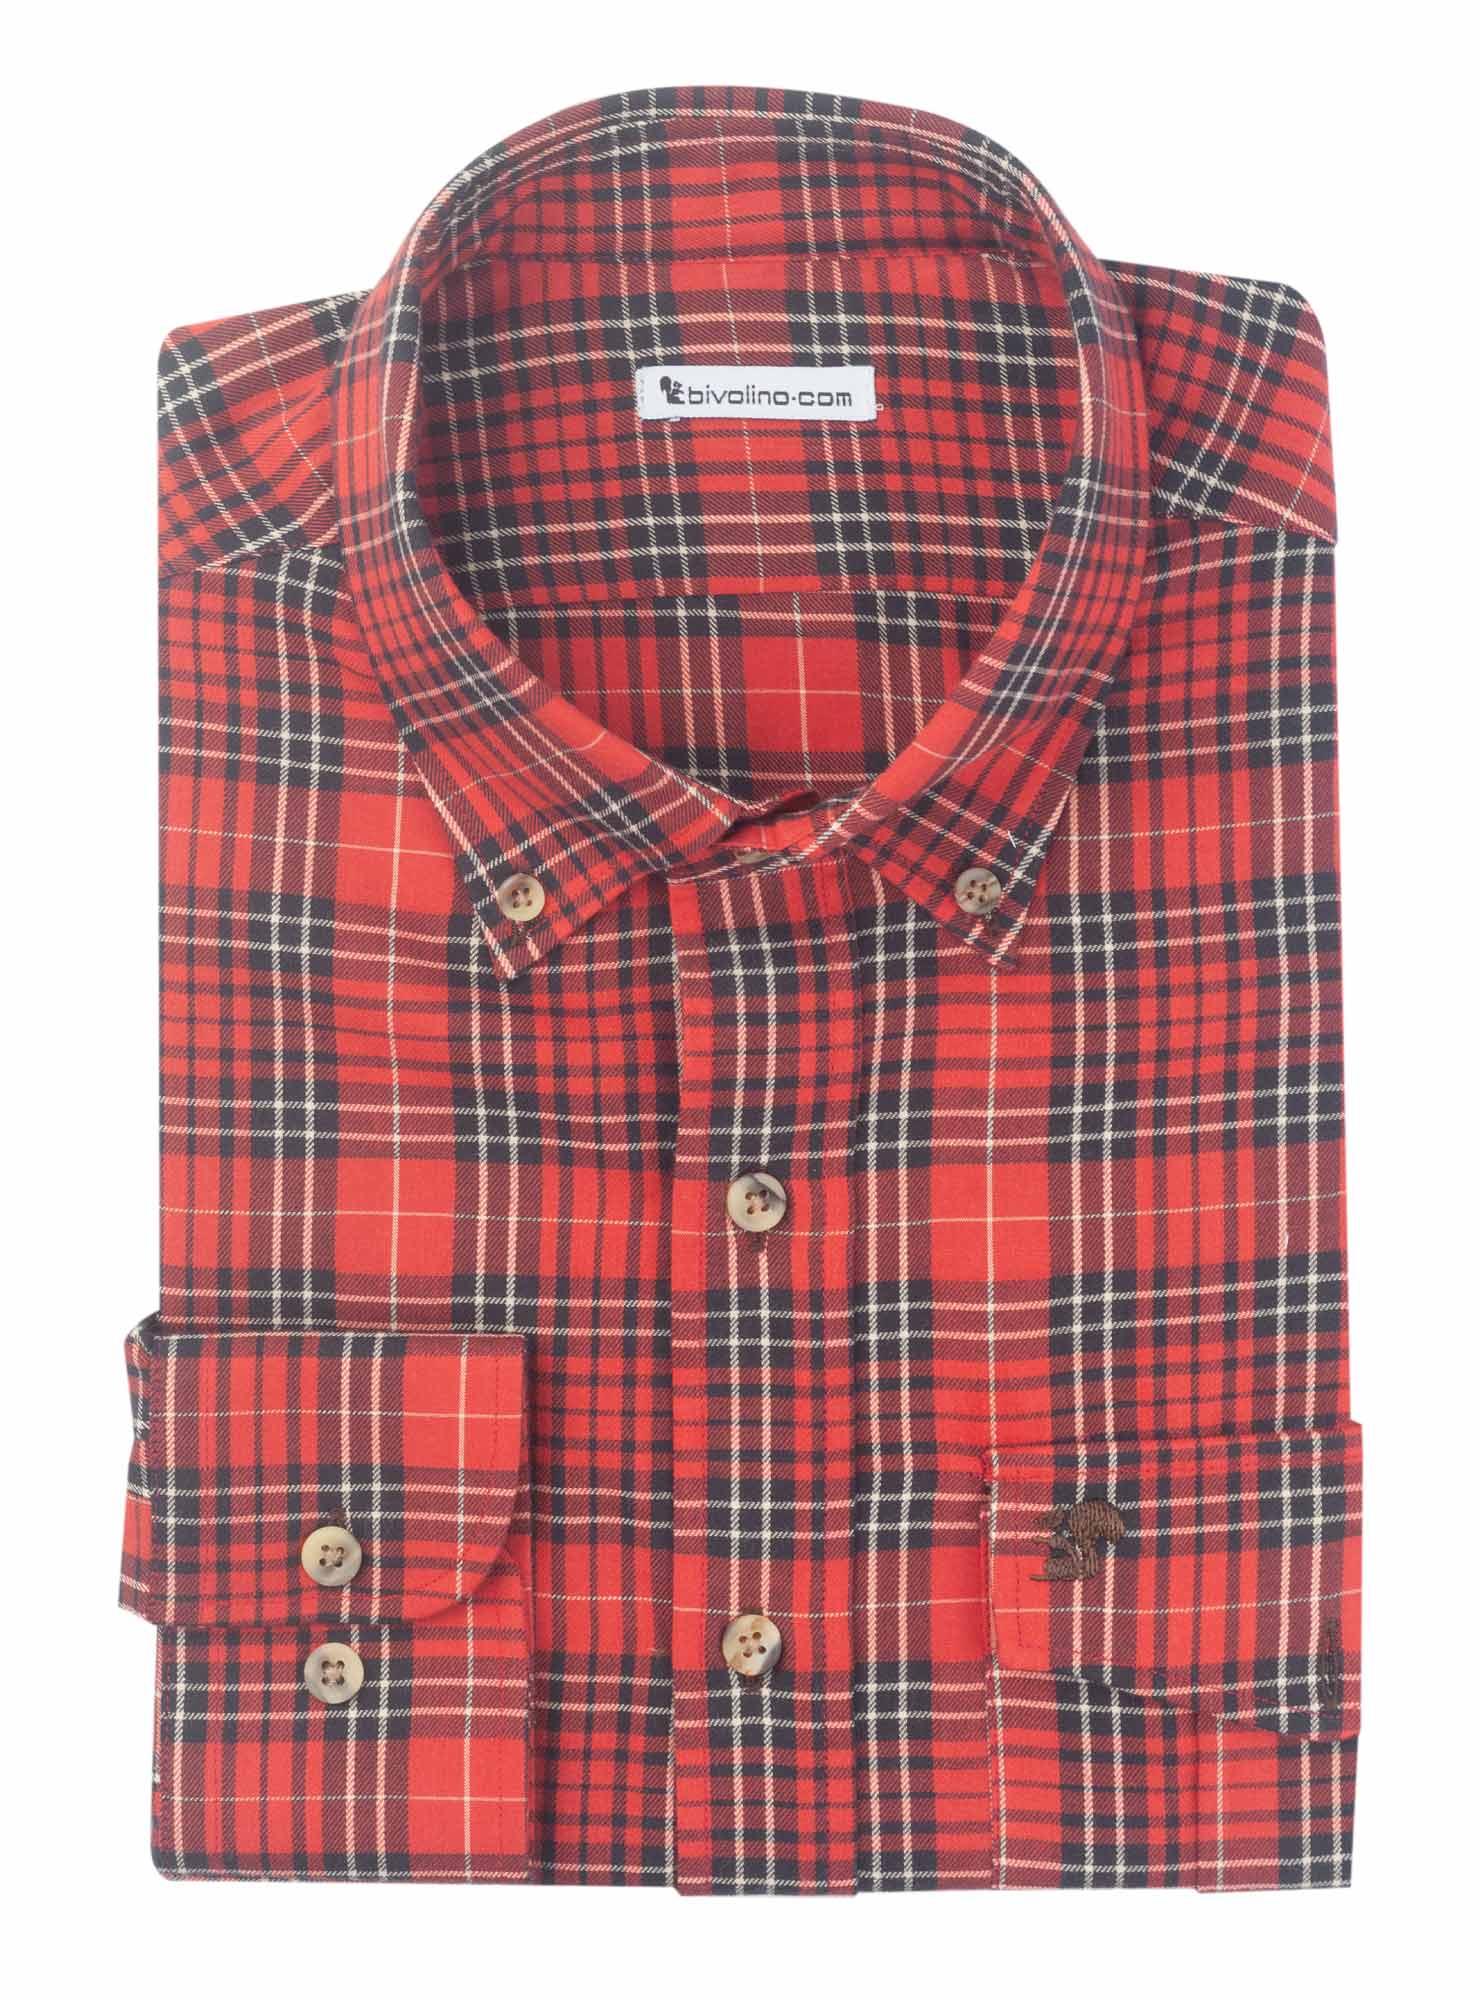 LATINA - Franela de cuadros de tartán camisa de hombre - LICO 2 - TARTAN